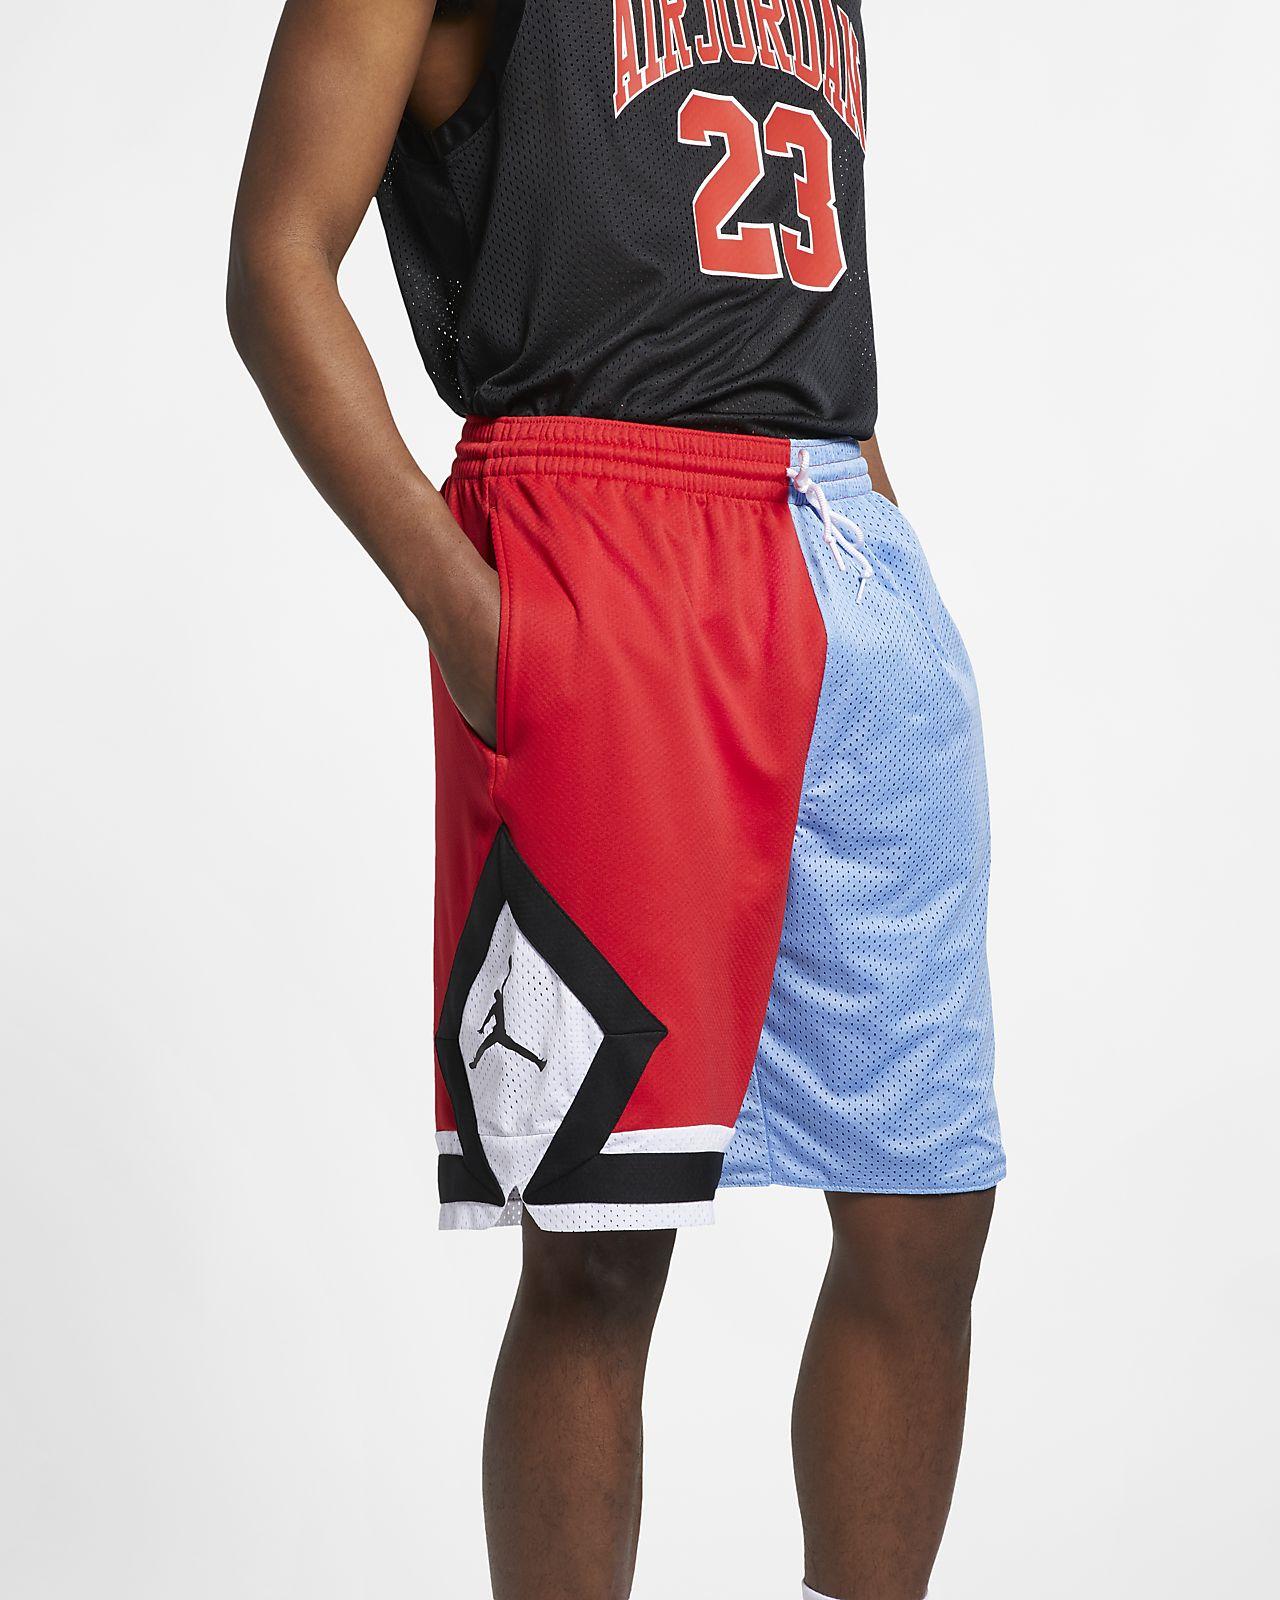 กางเกงบาสเก็ตบอลขาสั้นผู้ชาย Jordan DNA Distorted